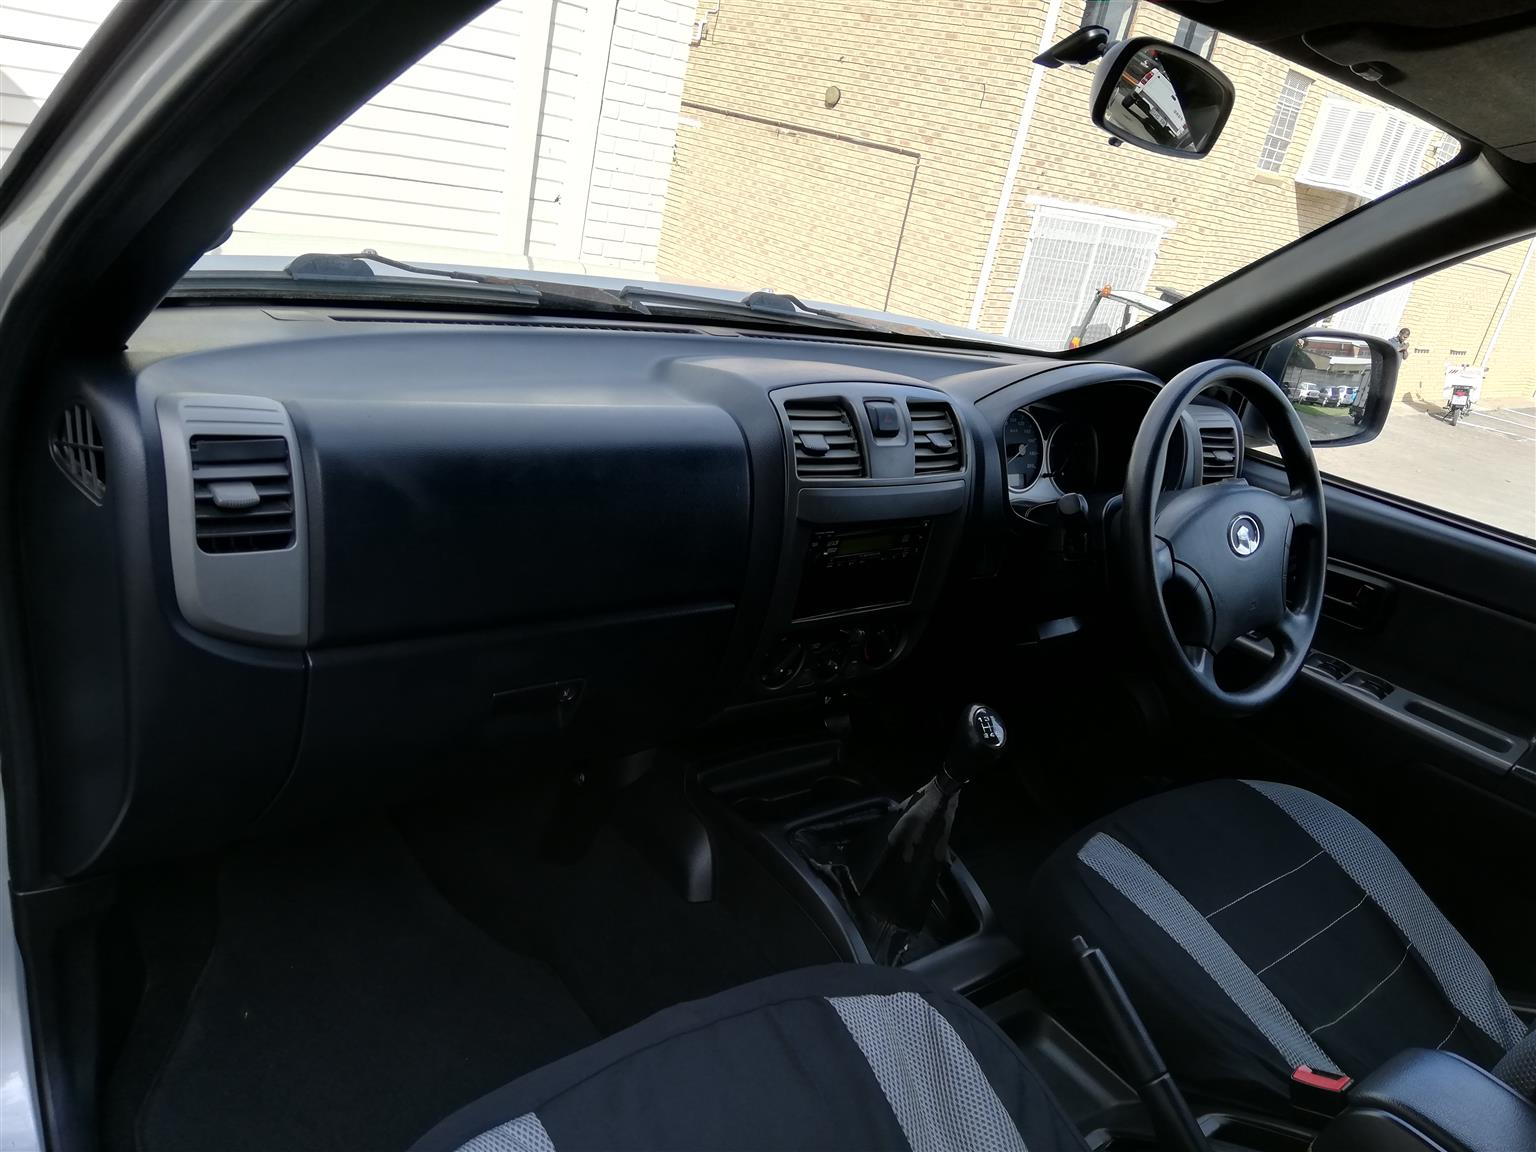 2008 GWM Steed 5 2.2L double cab